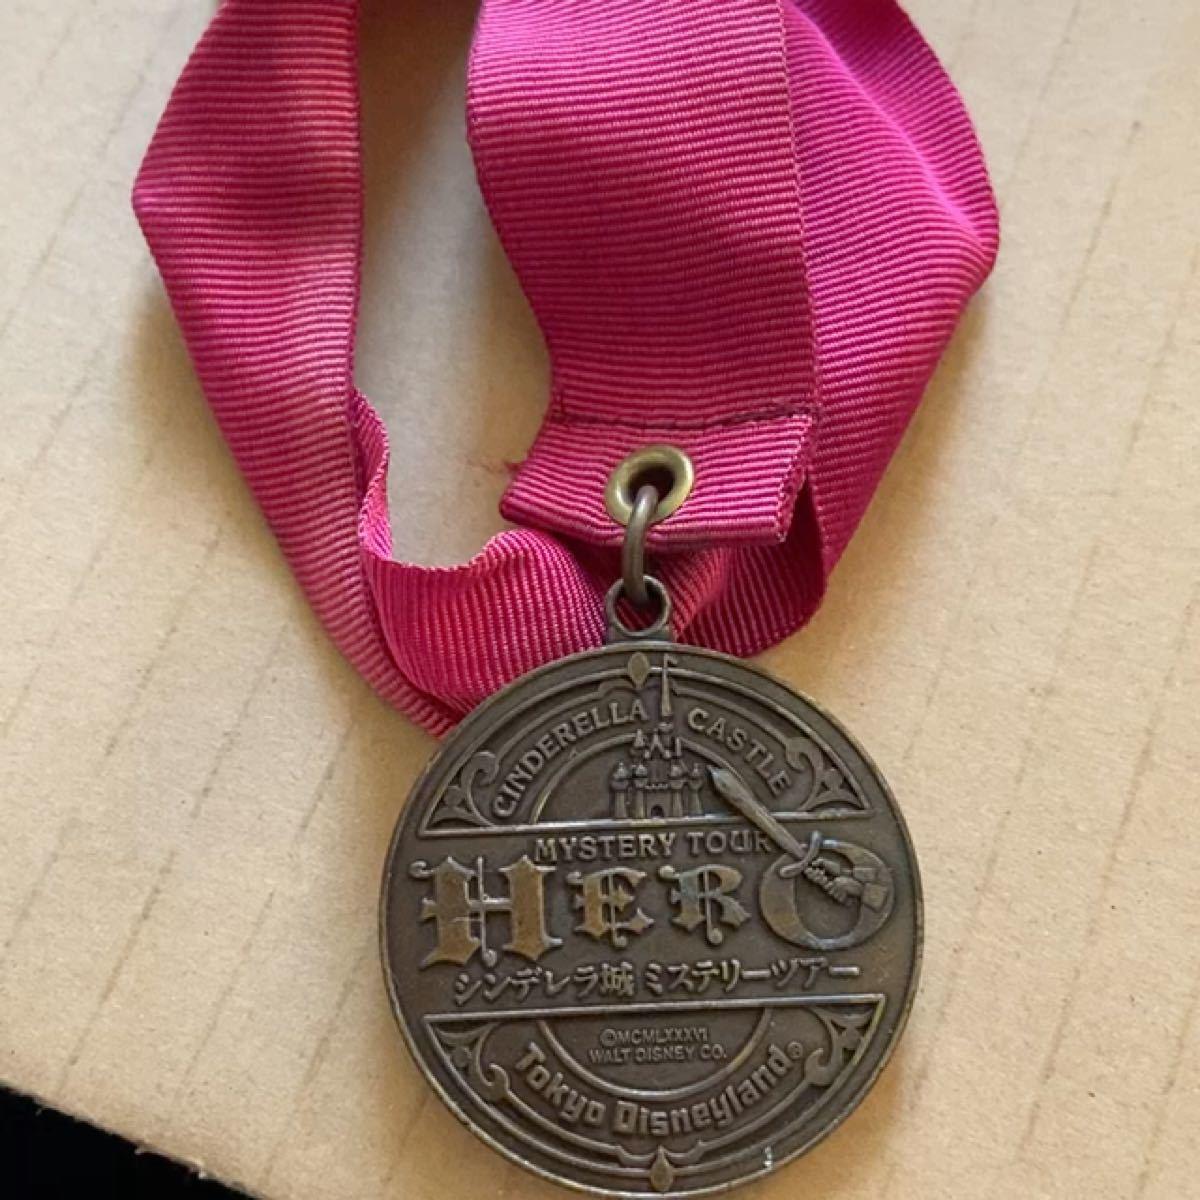 シンデレラ城ミステリーツアー メダル 廃盤商品 ディズニーランド 東京ディズニーランド